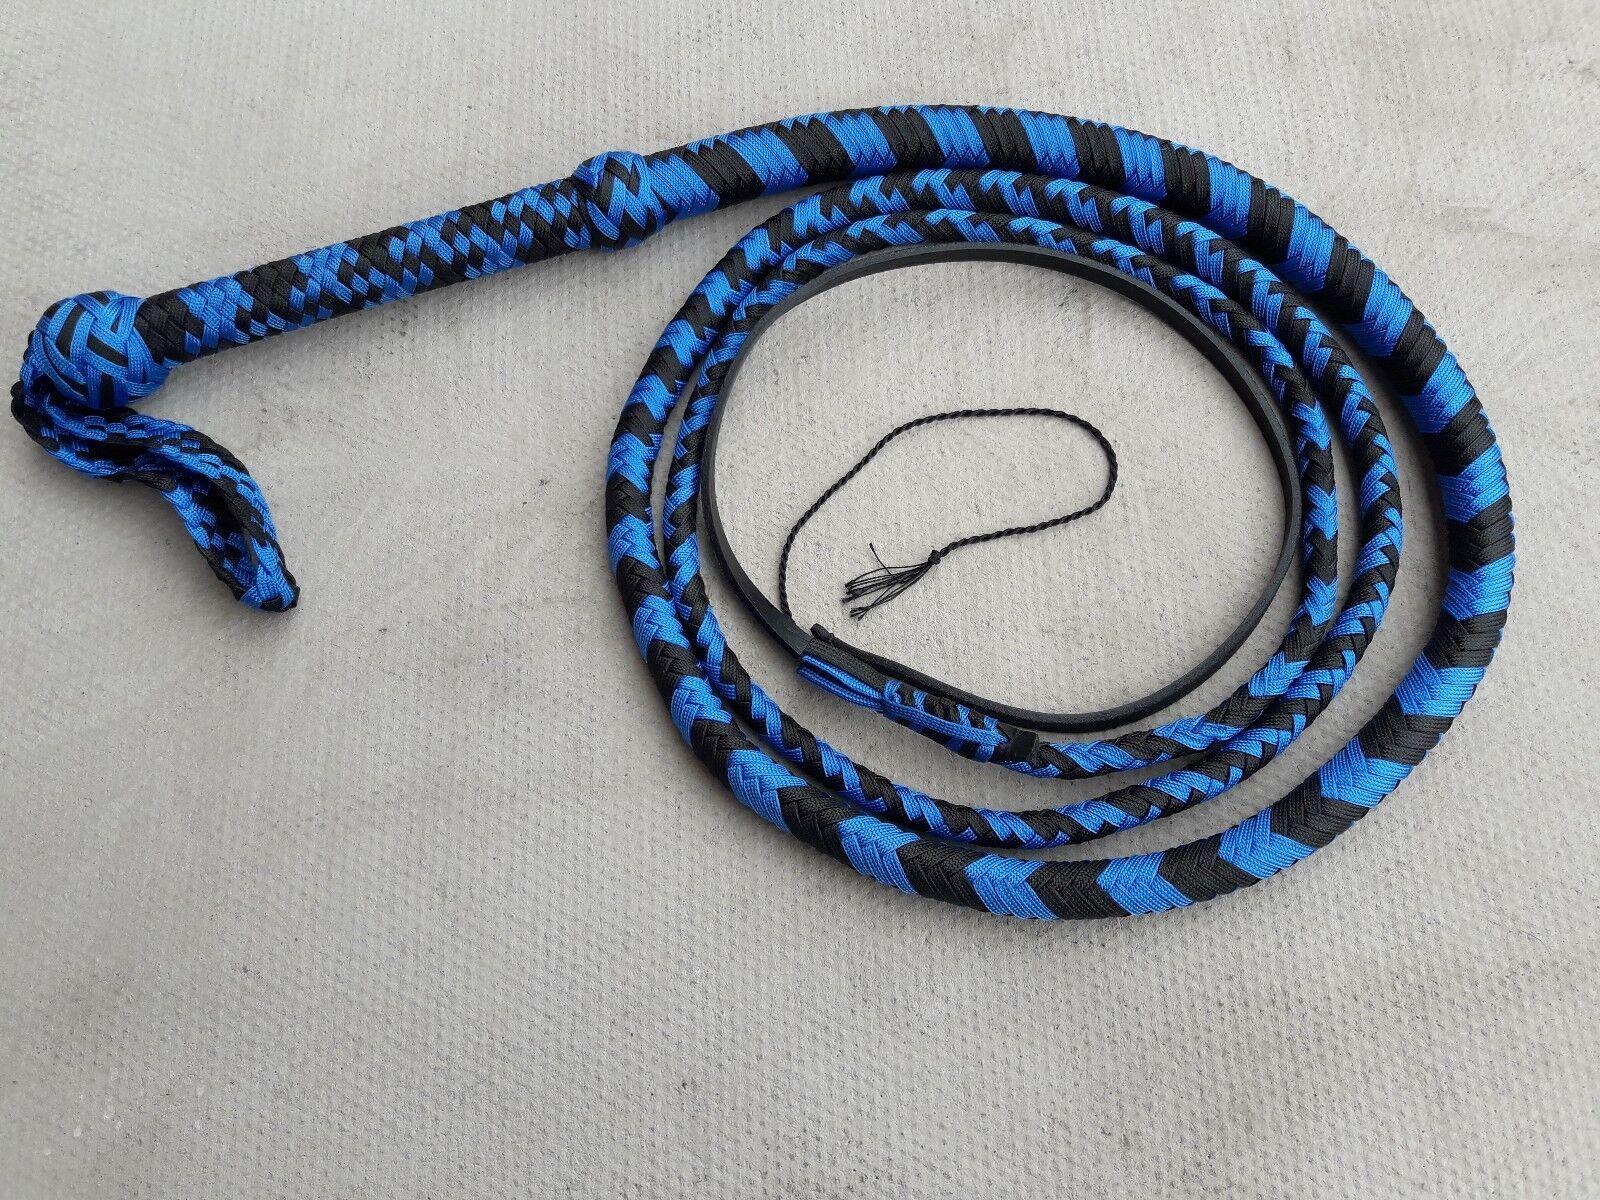 8ft de largo 12 Negro y Azul Plateado Pesado deber Personalizado Paracord Nylon látigo Toro